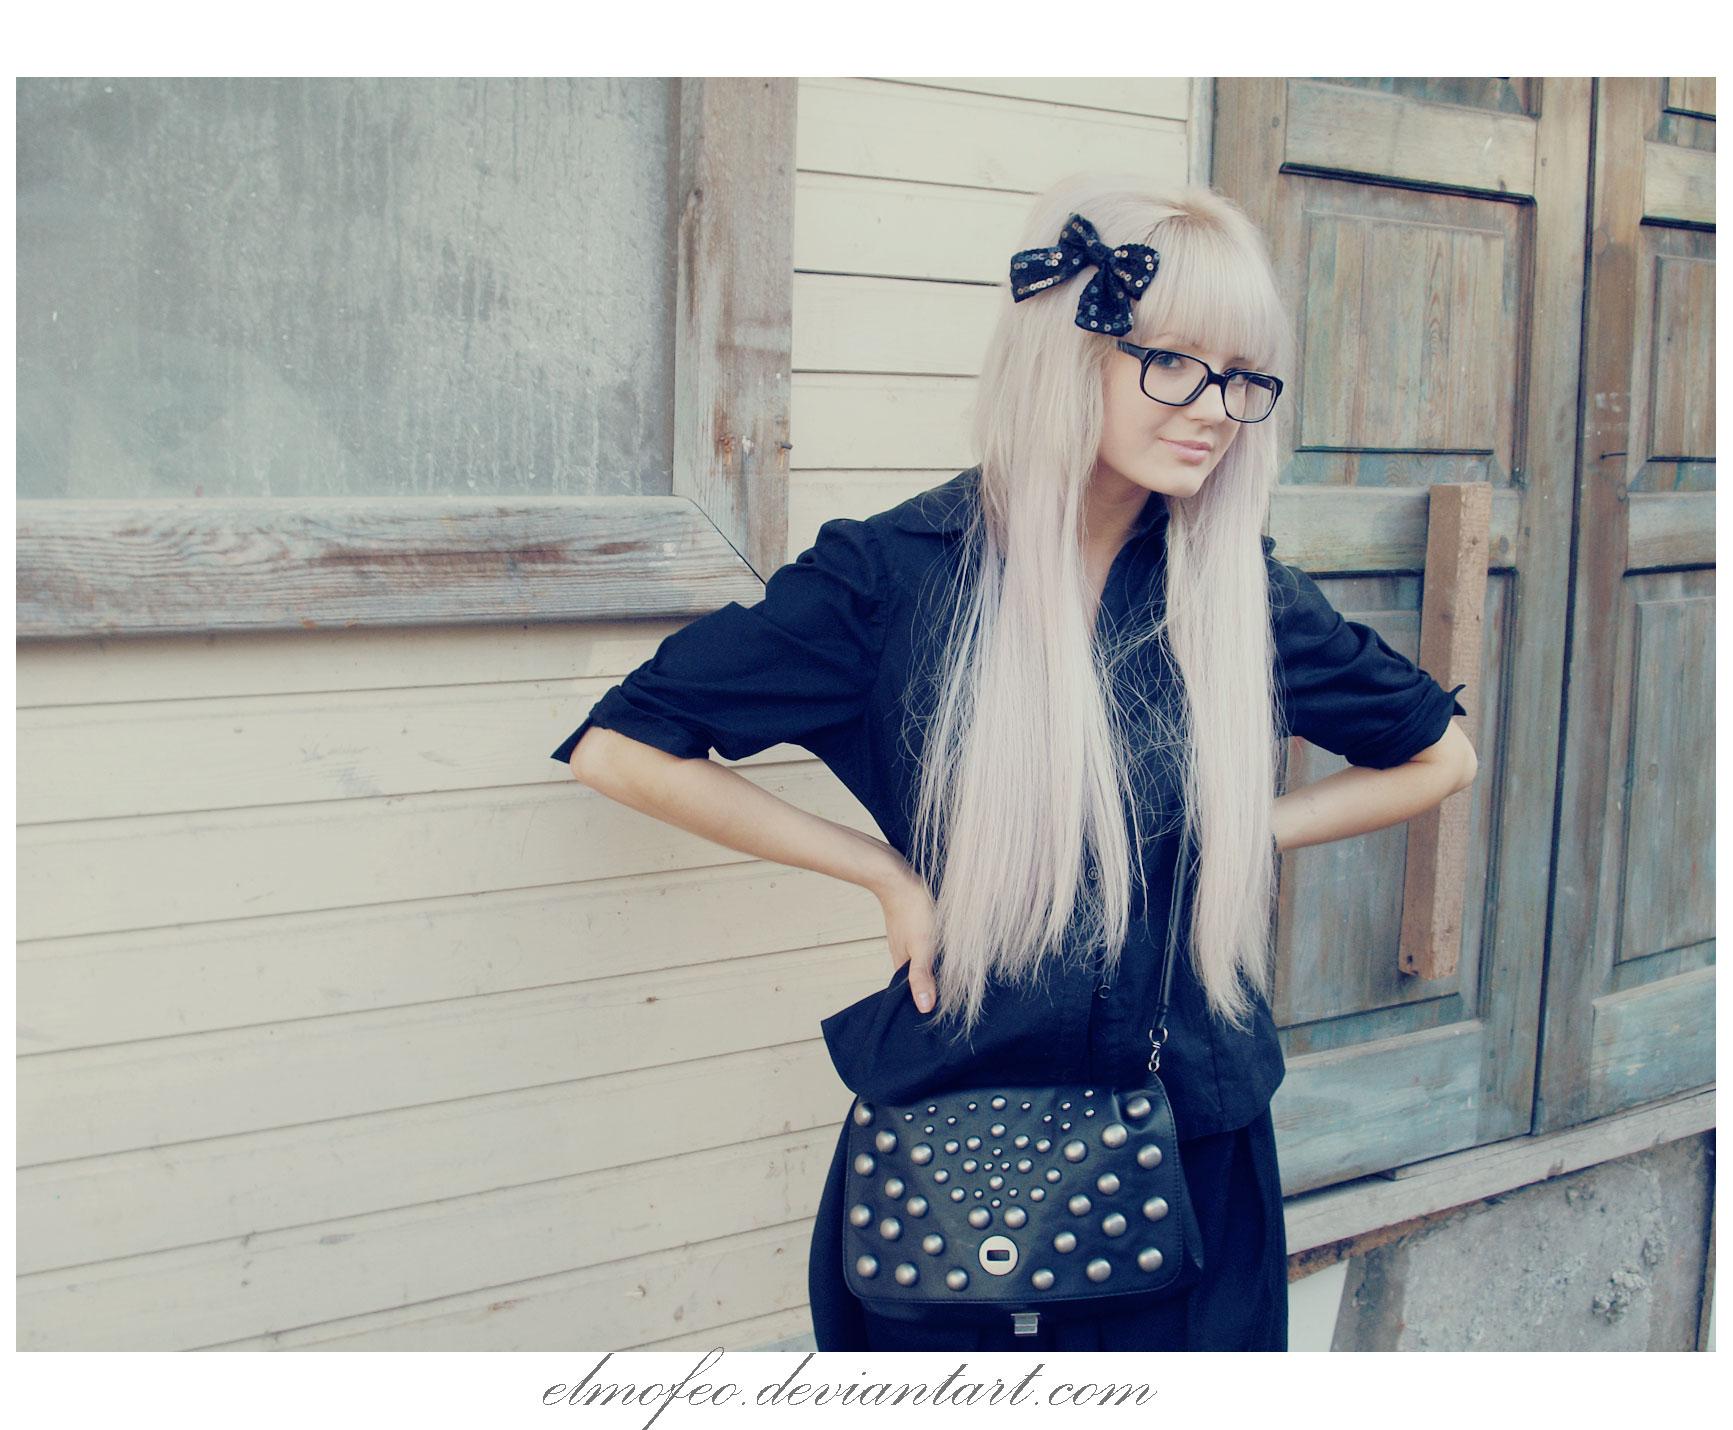 Фото красивых девушек мелитополя 16 фотография